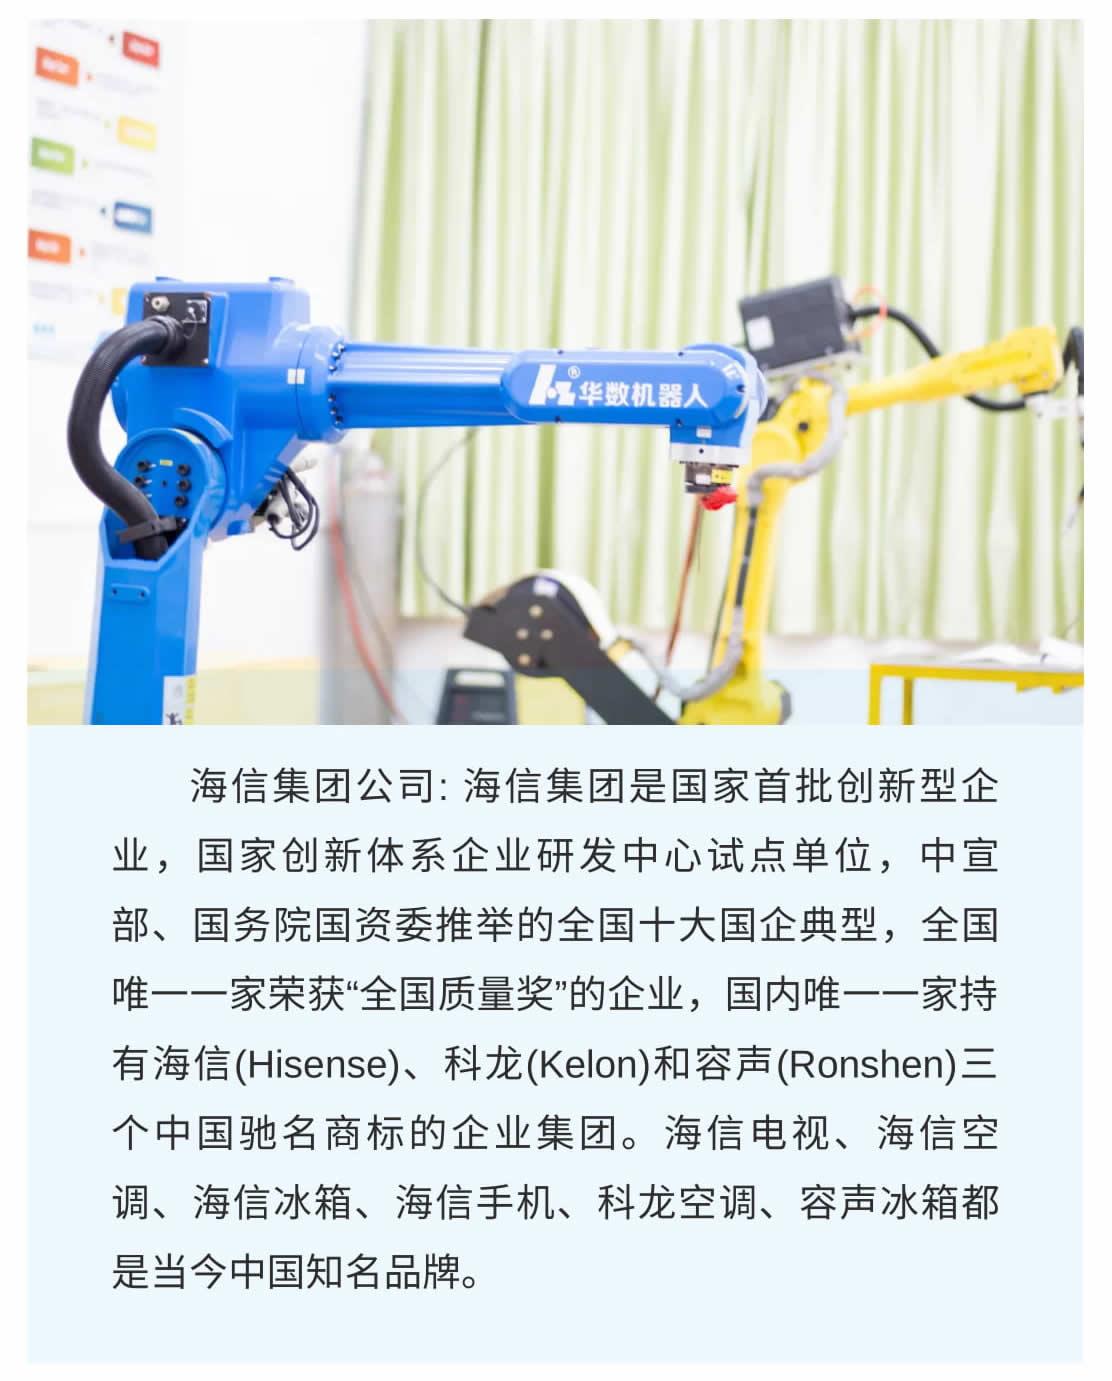 工业机器人应用与维护(高中起点三年制)-1_r7_c1.jpg